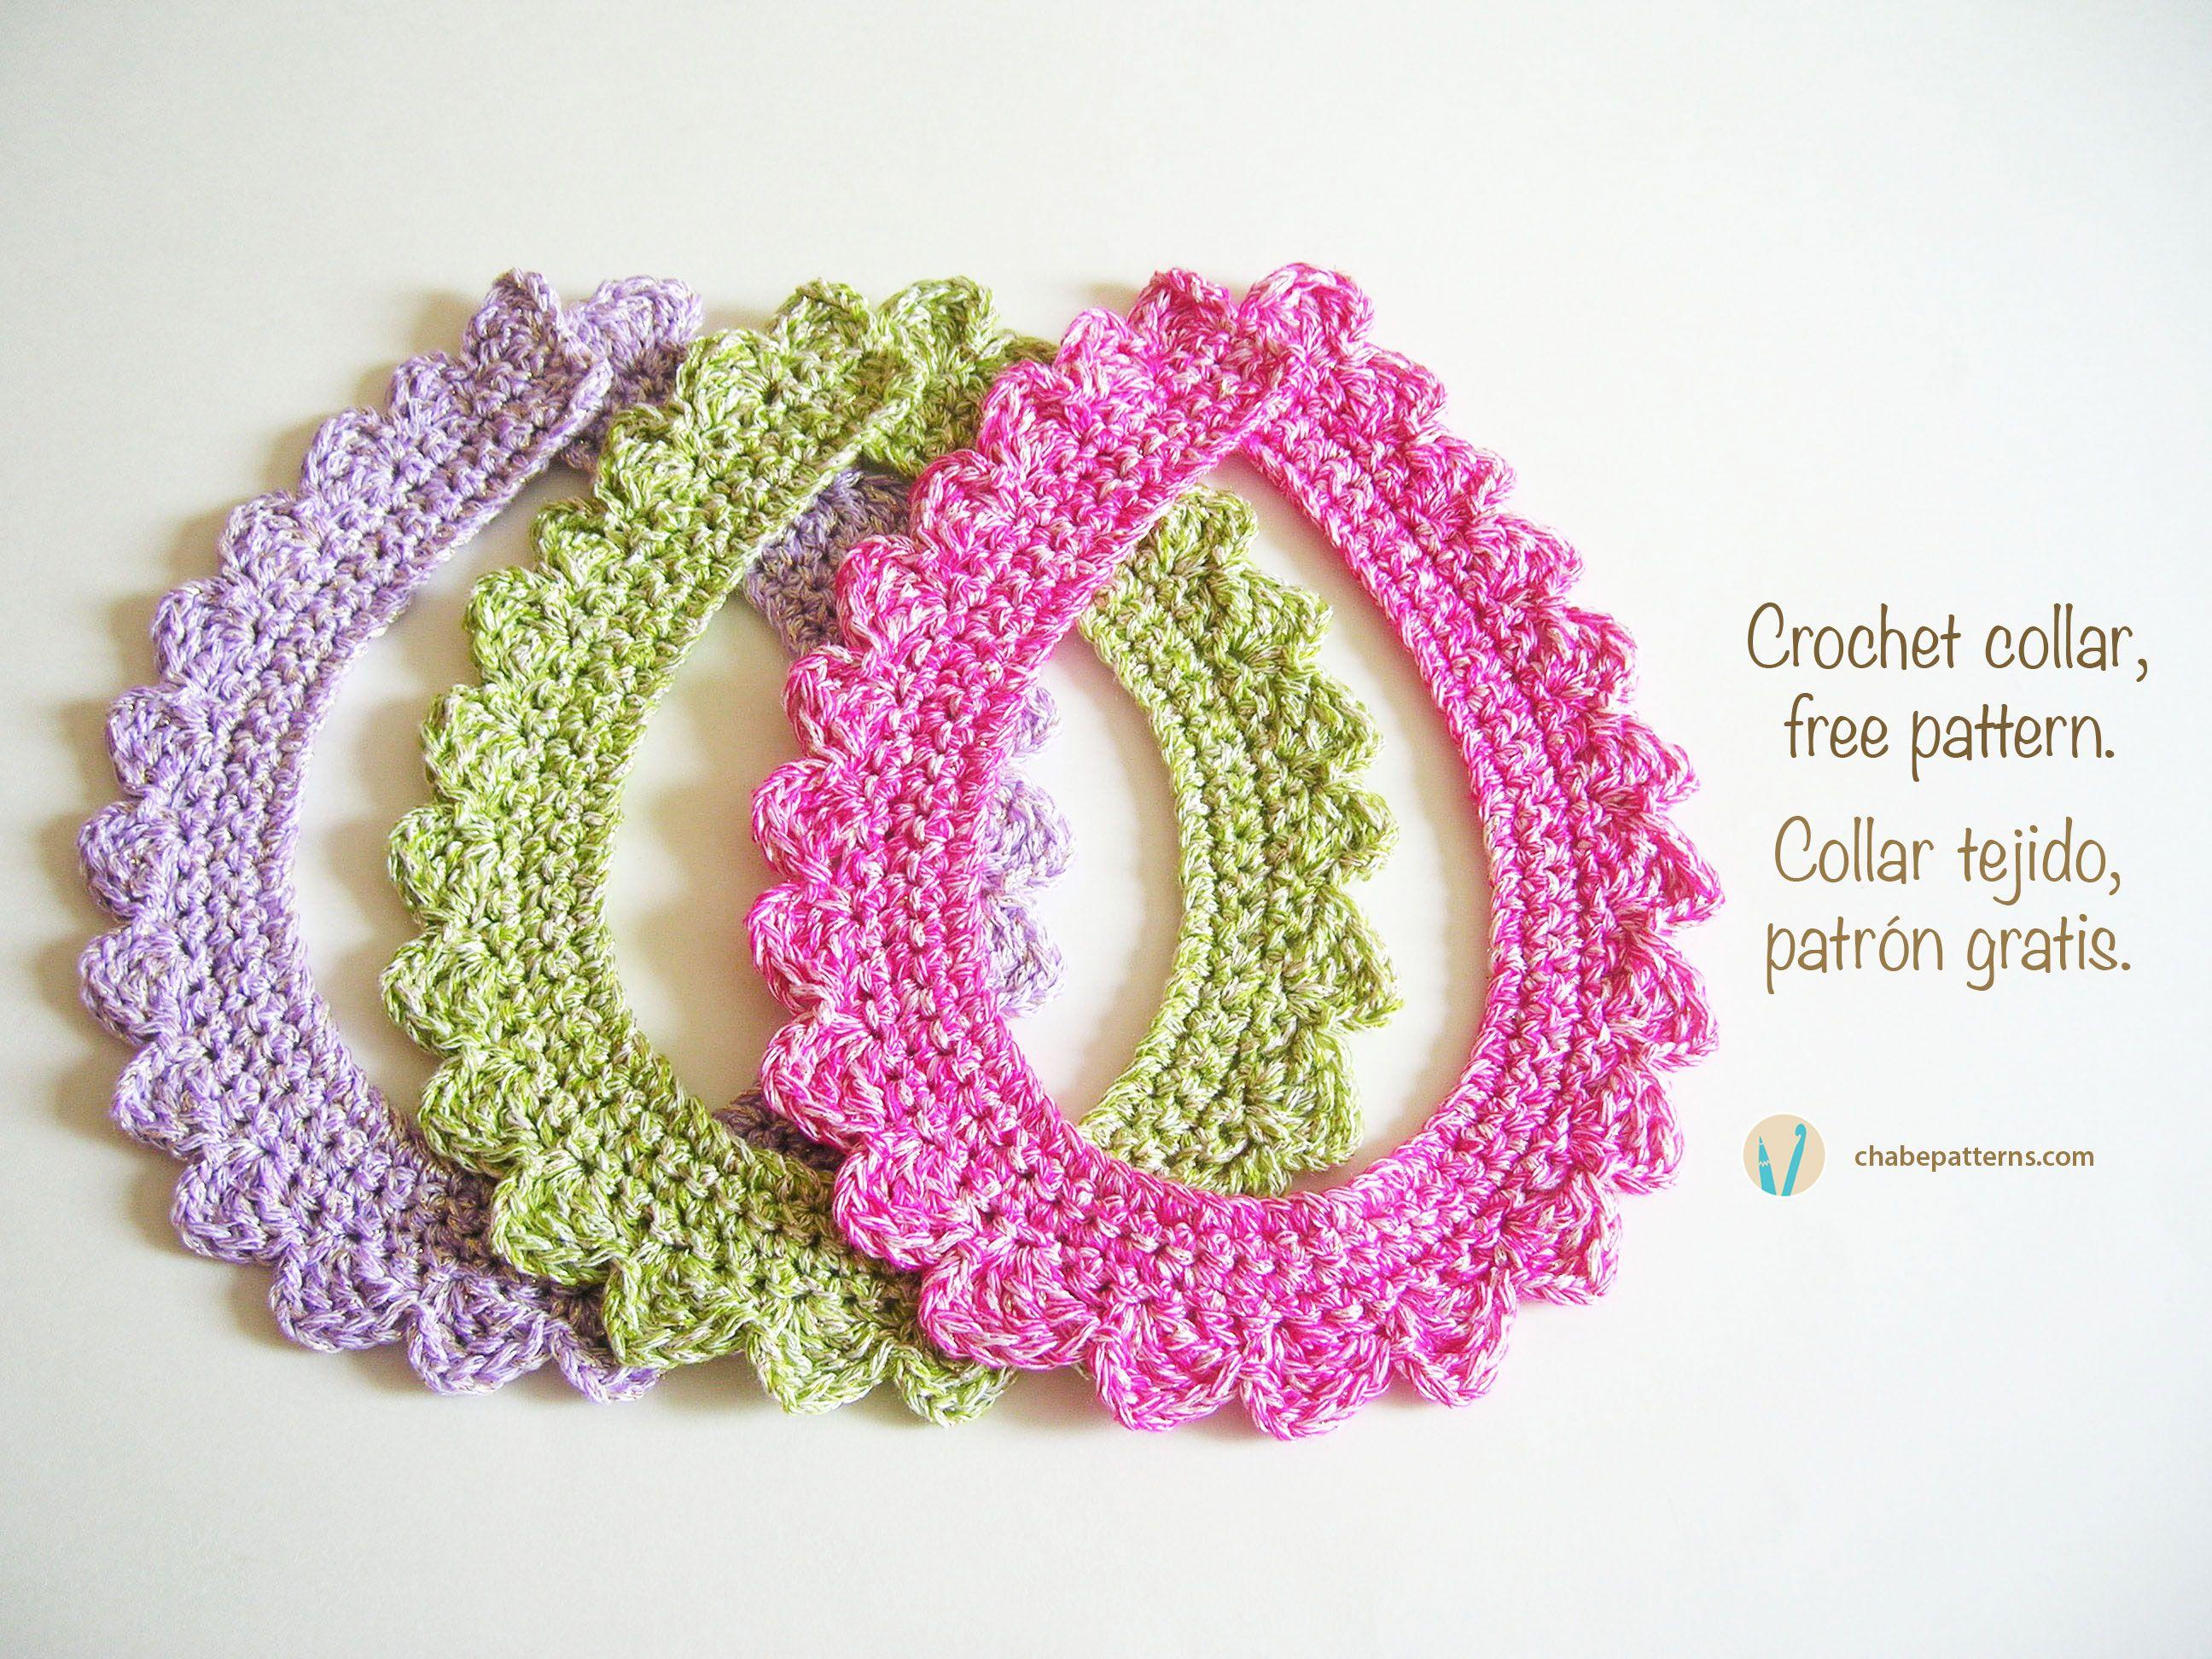 Crochet collar, free pattern, diy/ Collar tejido, patrón gratis ...